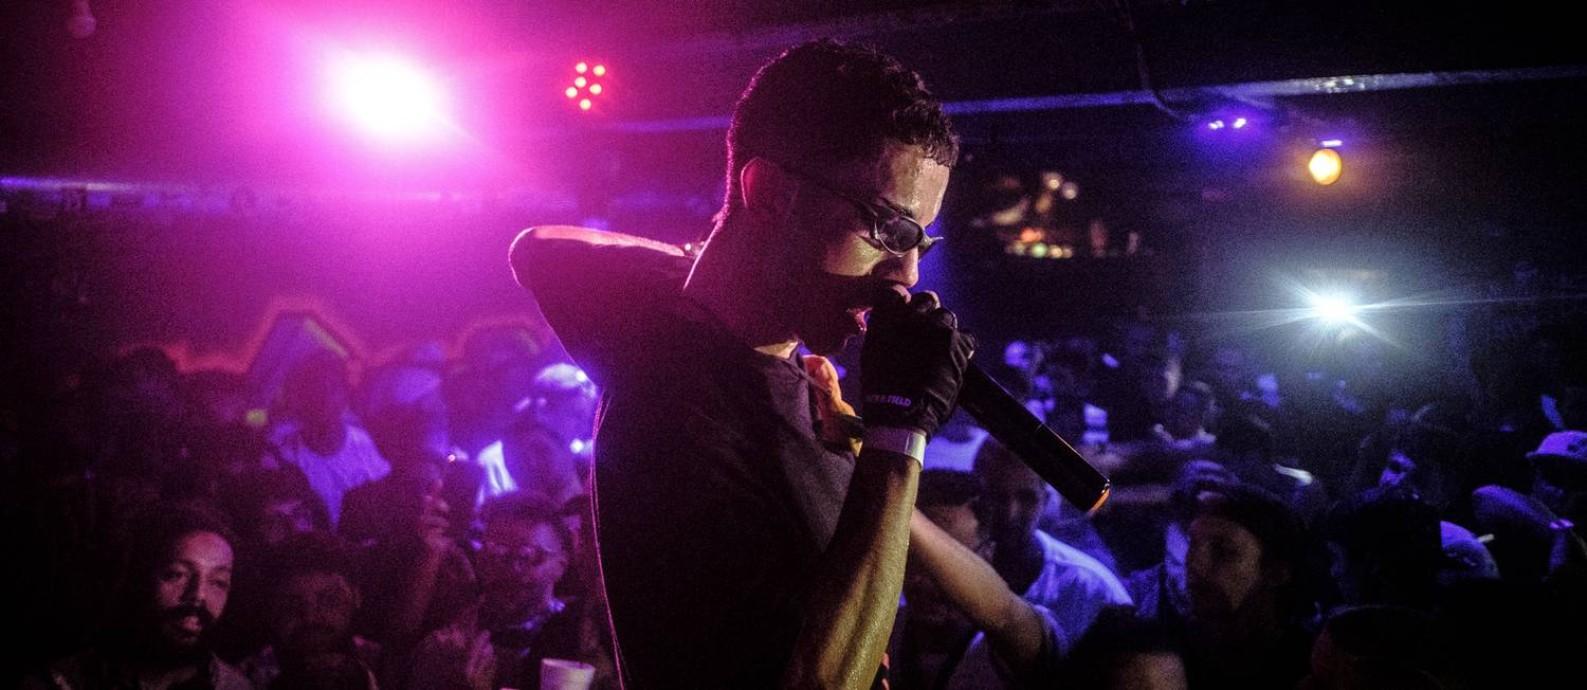 """O rapper Sidoka em cena do documentário """"Música pelo Brasil: Trap"""", de Felipe Larozza Foto: Felipe Larozza / Divulgação"""